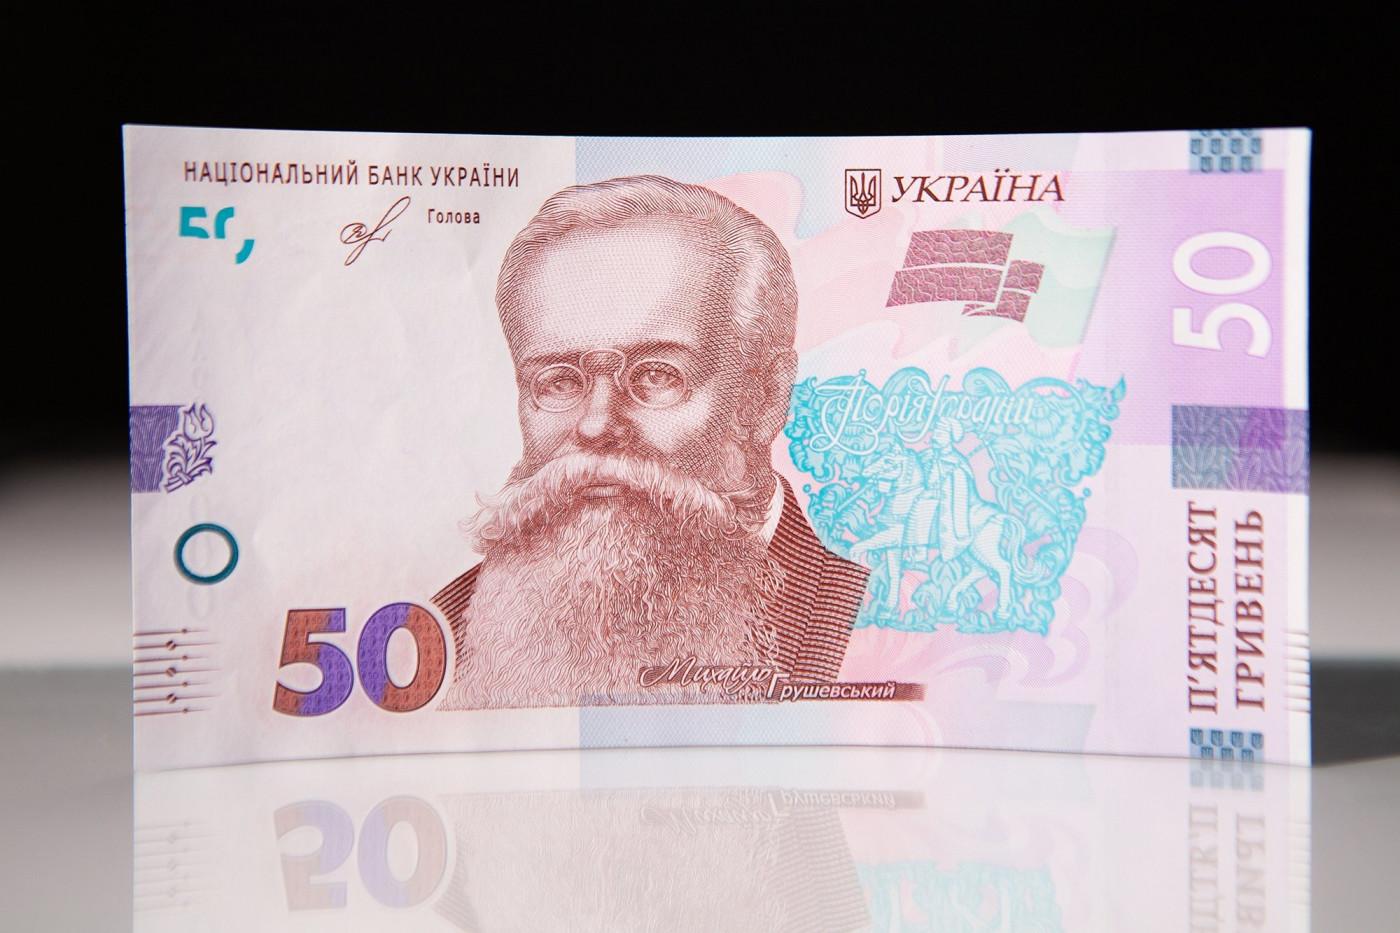 В Украине ввели в оборот новые 50 гривен банкнотой и 5 гривен монетой